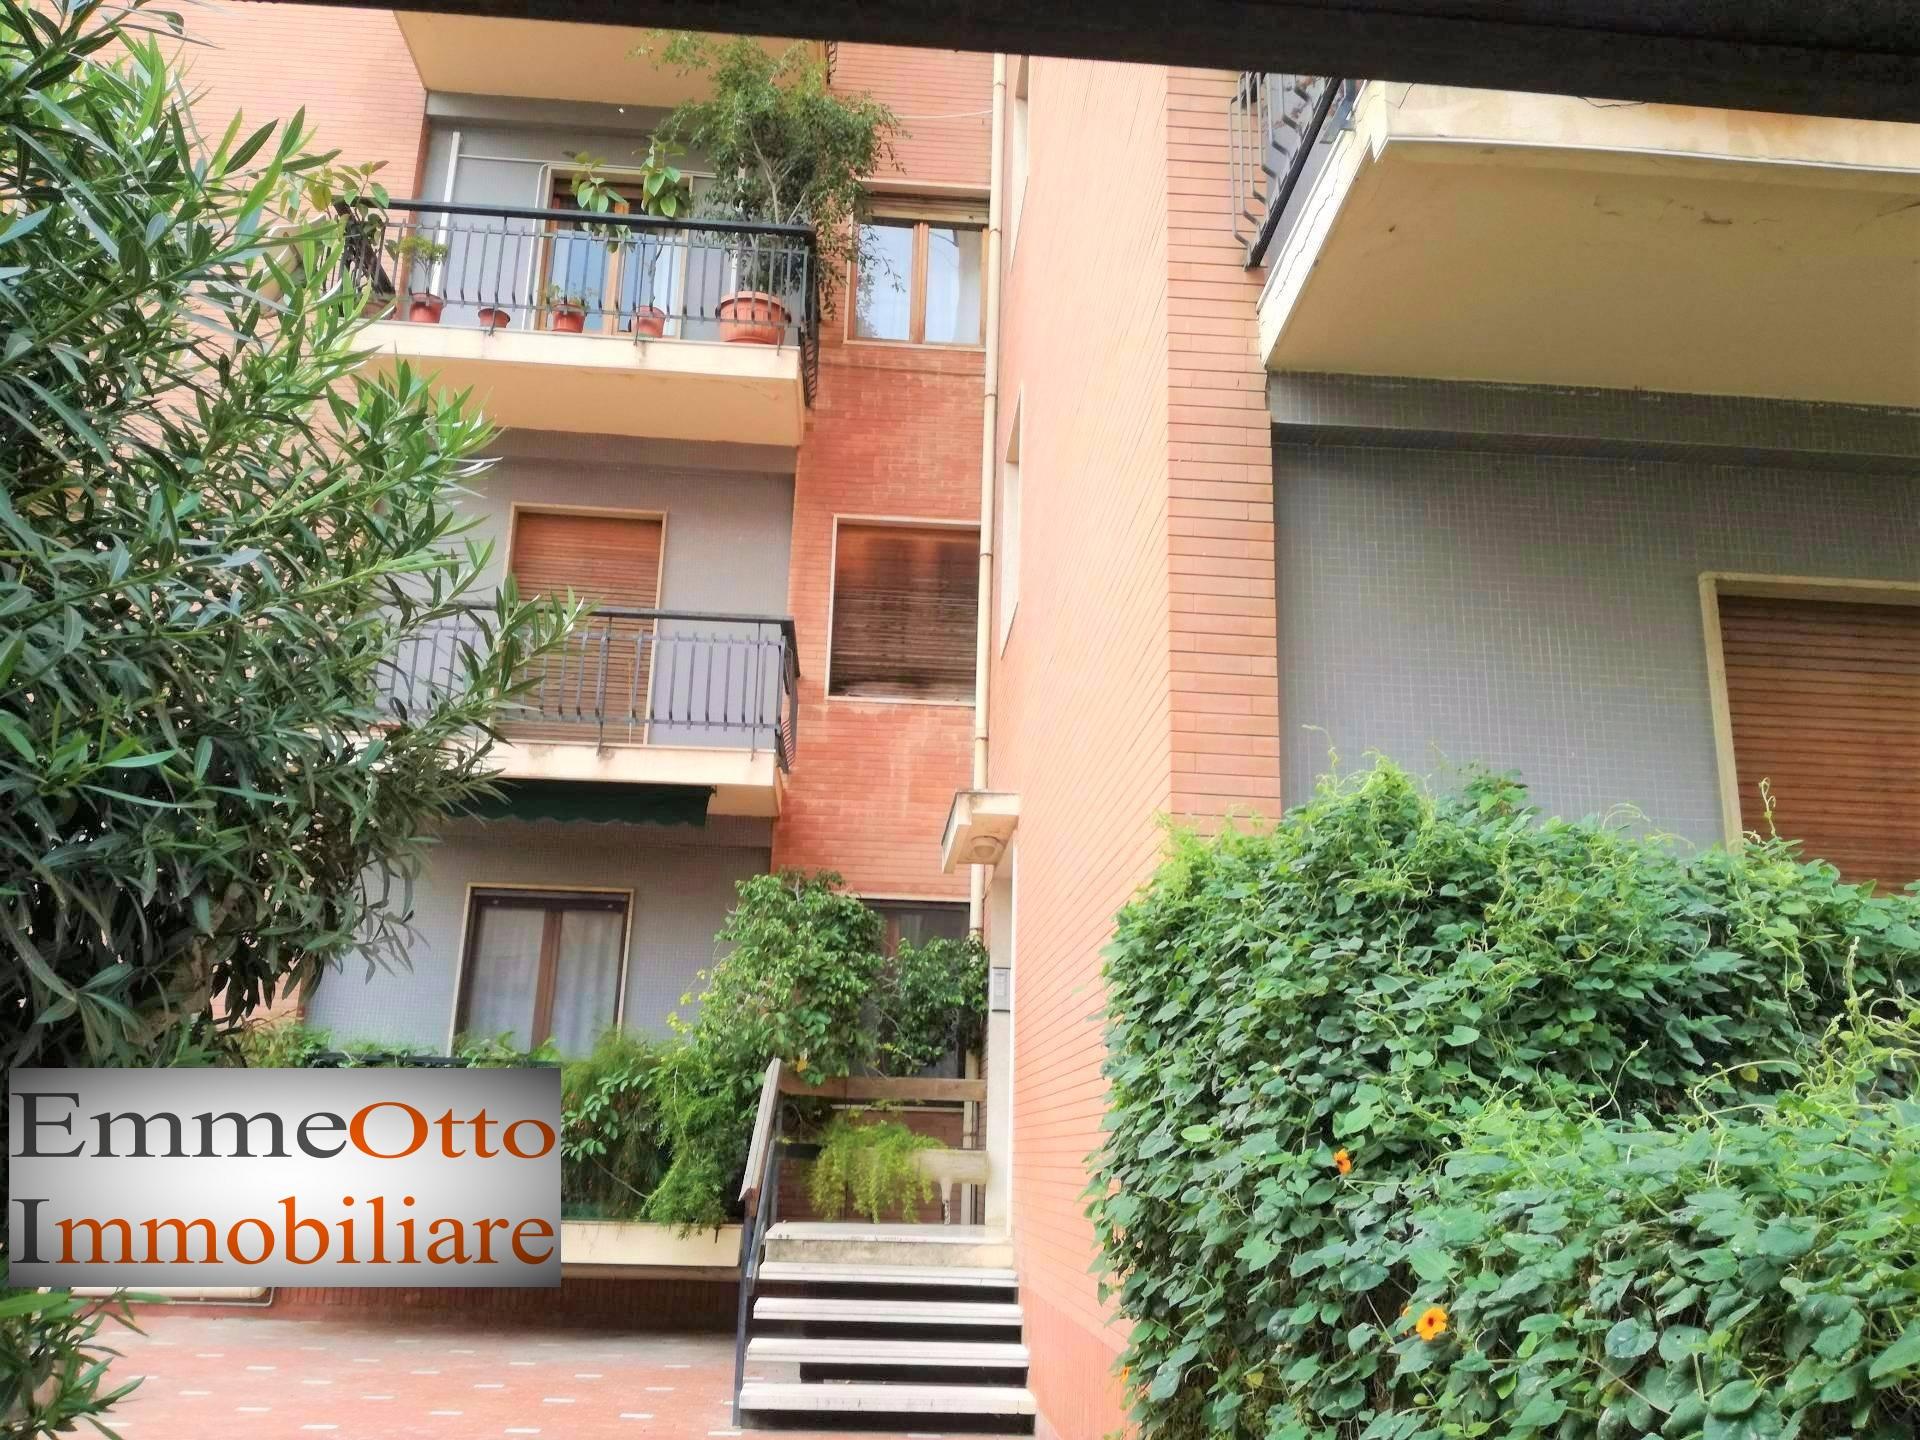 Appartamento in affitto a Cagliari, 2 locali, zona Località: MonteUrpinu, prezzo € 600 | CambioCasa.it